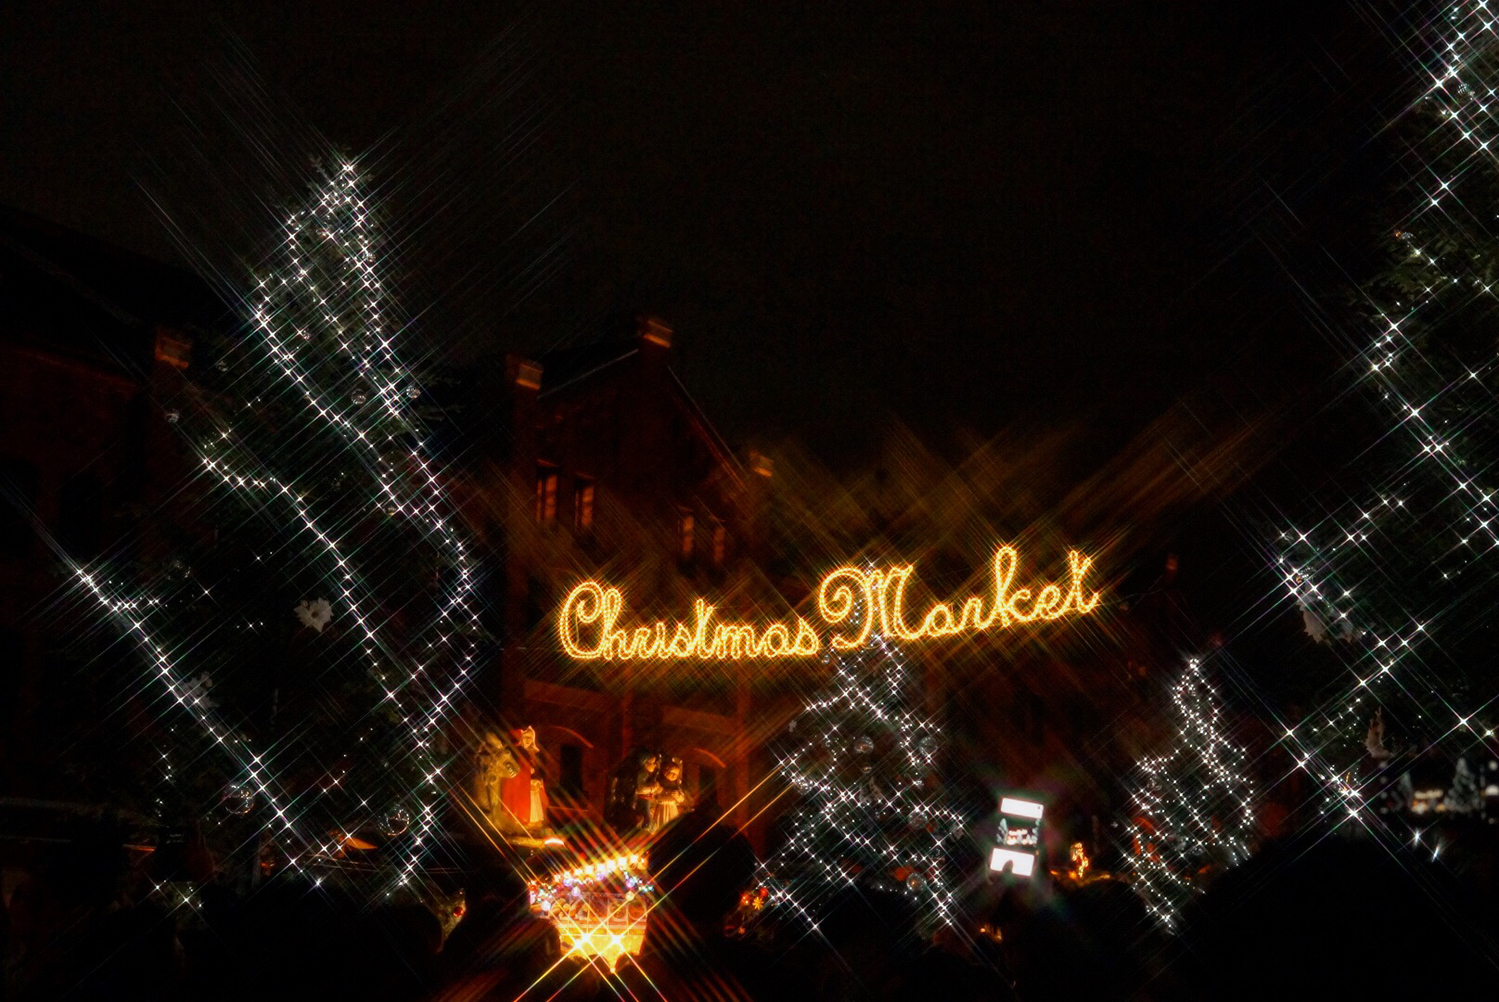 :クリスマスマーケットとは?